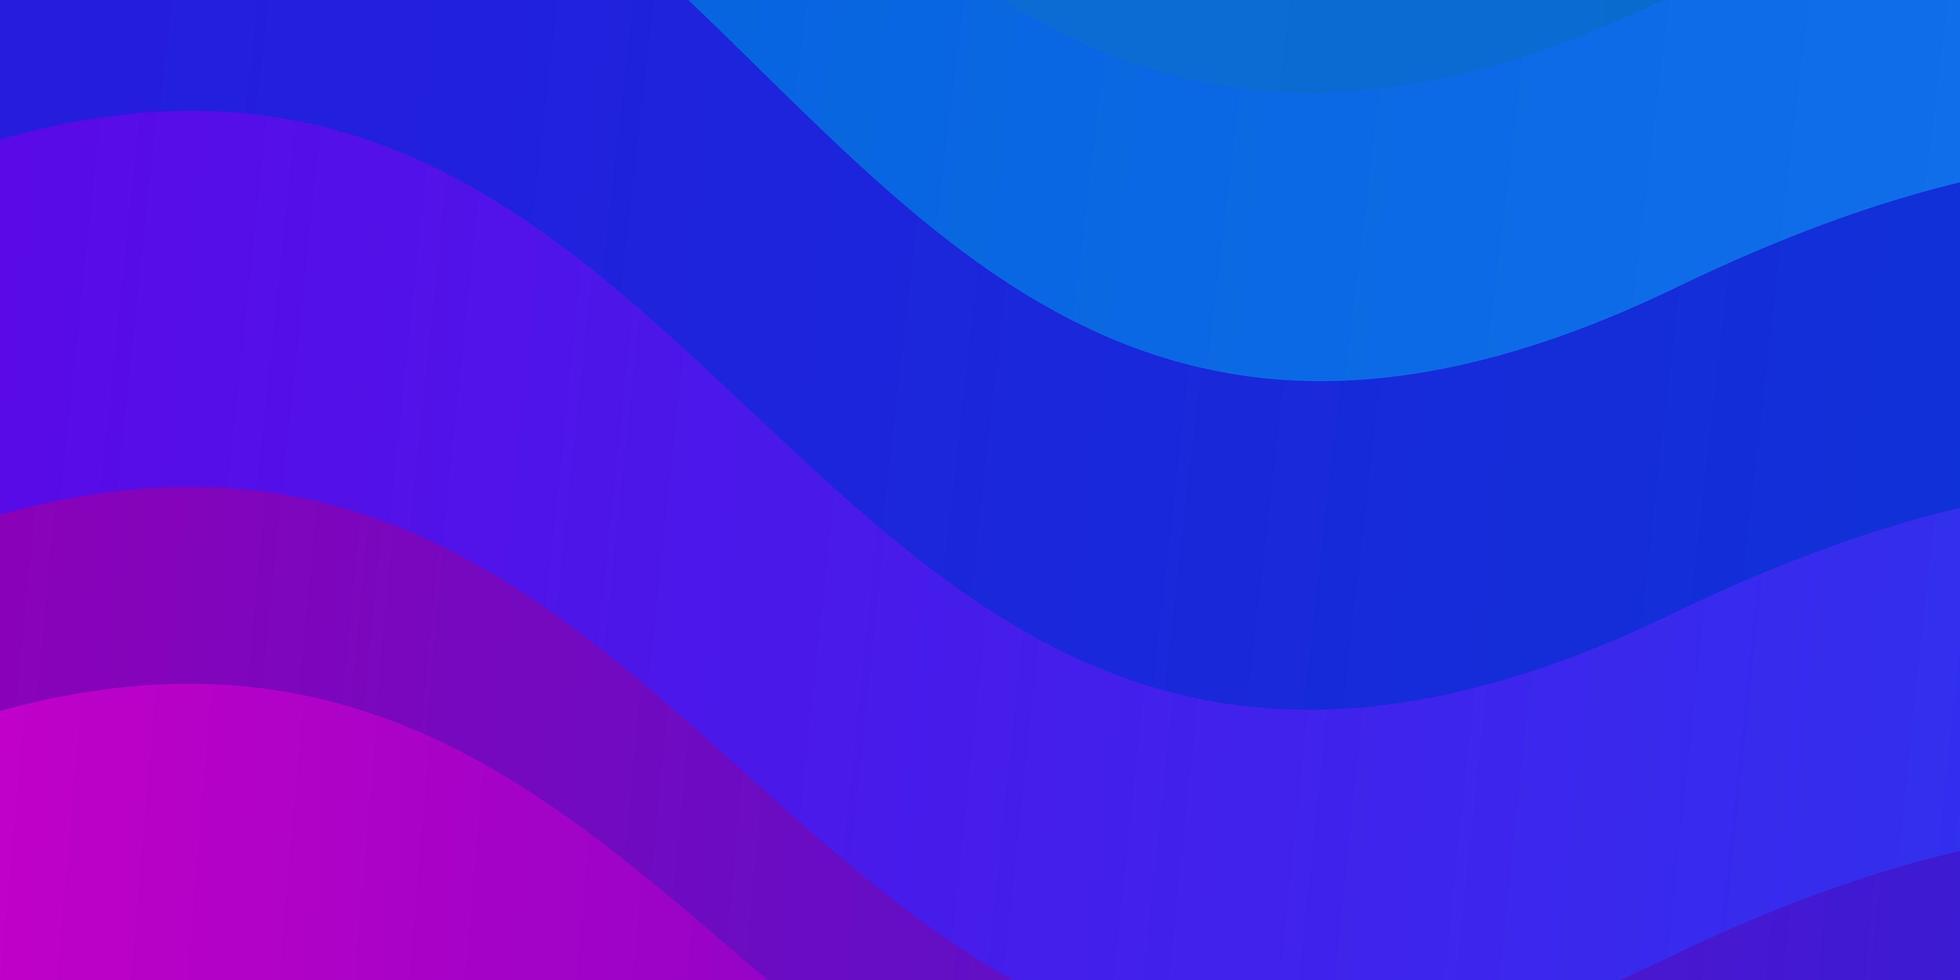 hellrosa, blauer Vektorhintergrund mit Kurven. vektor